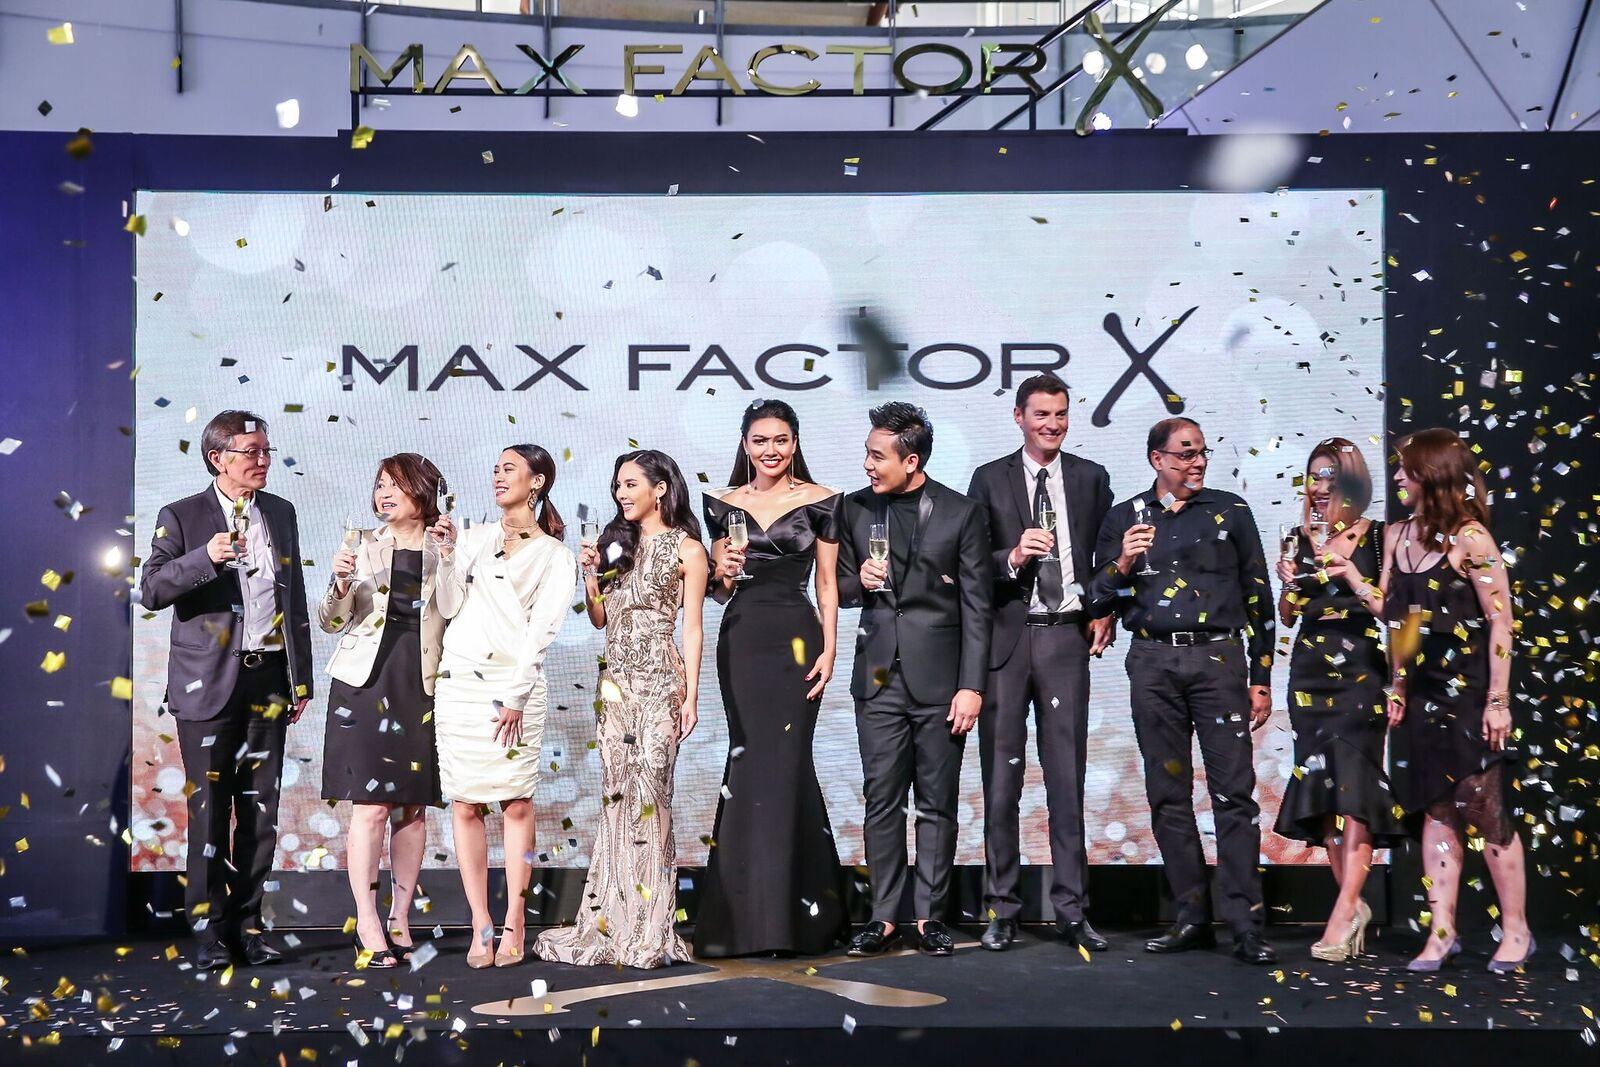 จากอเมริกาแลนดิ้งสู่เมืองไทย Max Factor คอสเมติกแบรนด์จากแอลเอ เตรียมพาสาวไทยเจิดจรัสสู่ความงามฉบับฮอลลีวูด 13 -